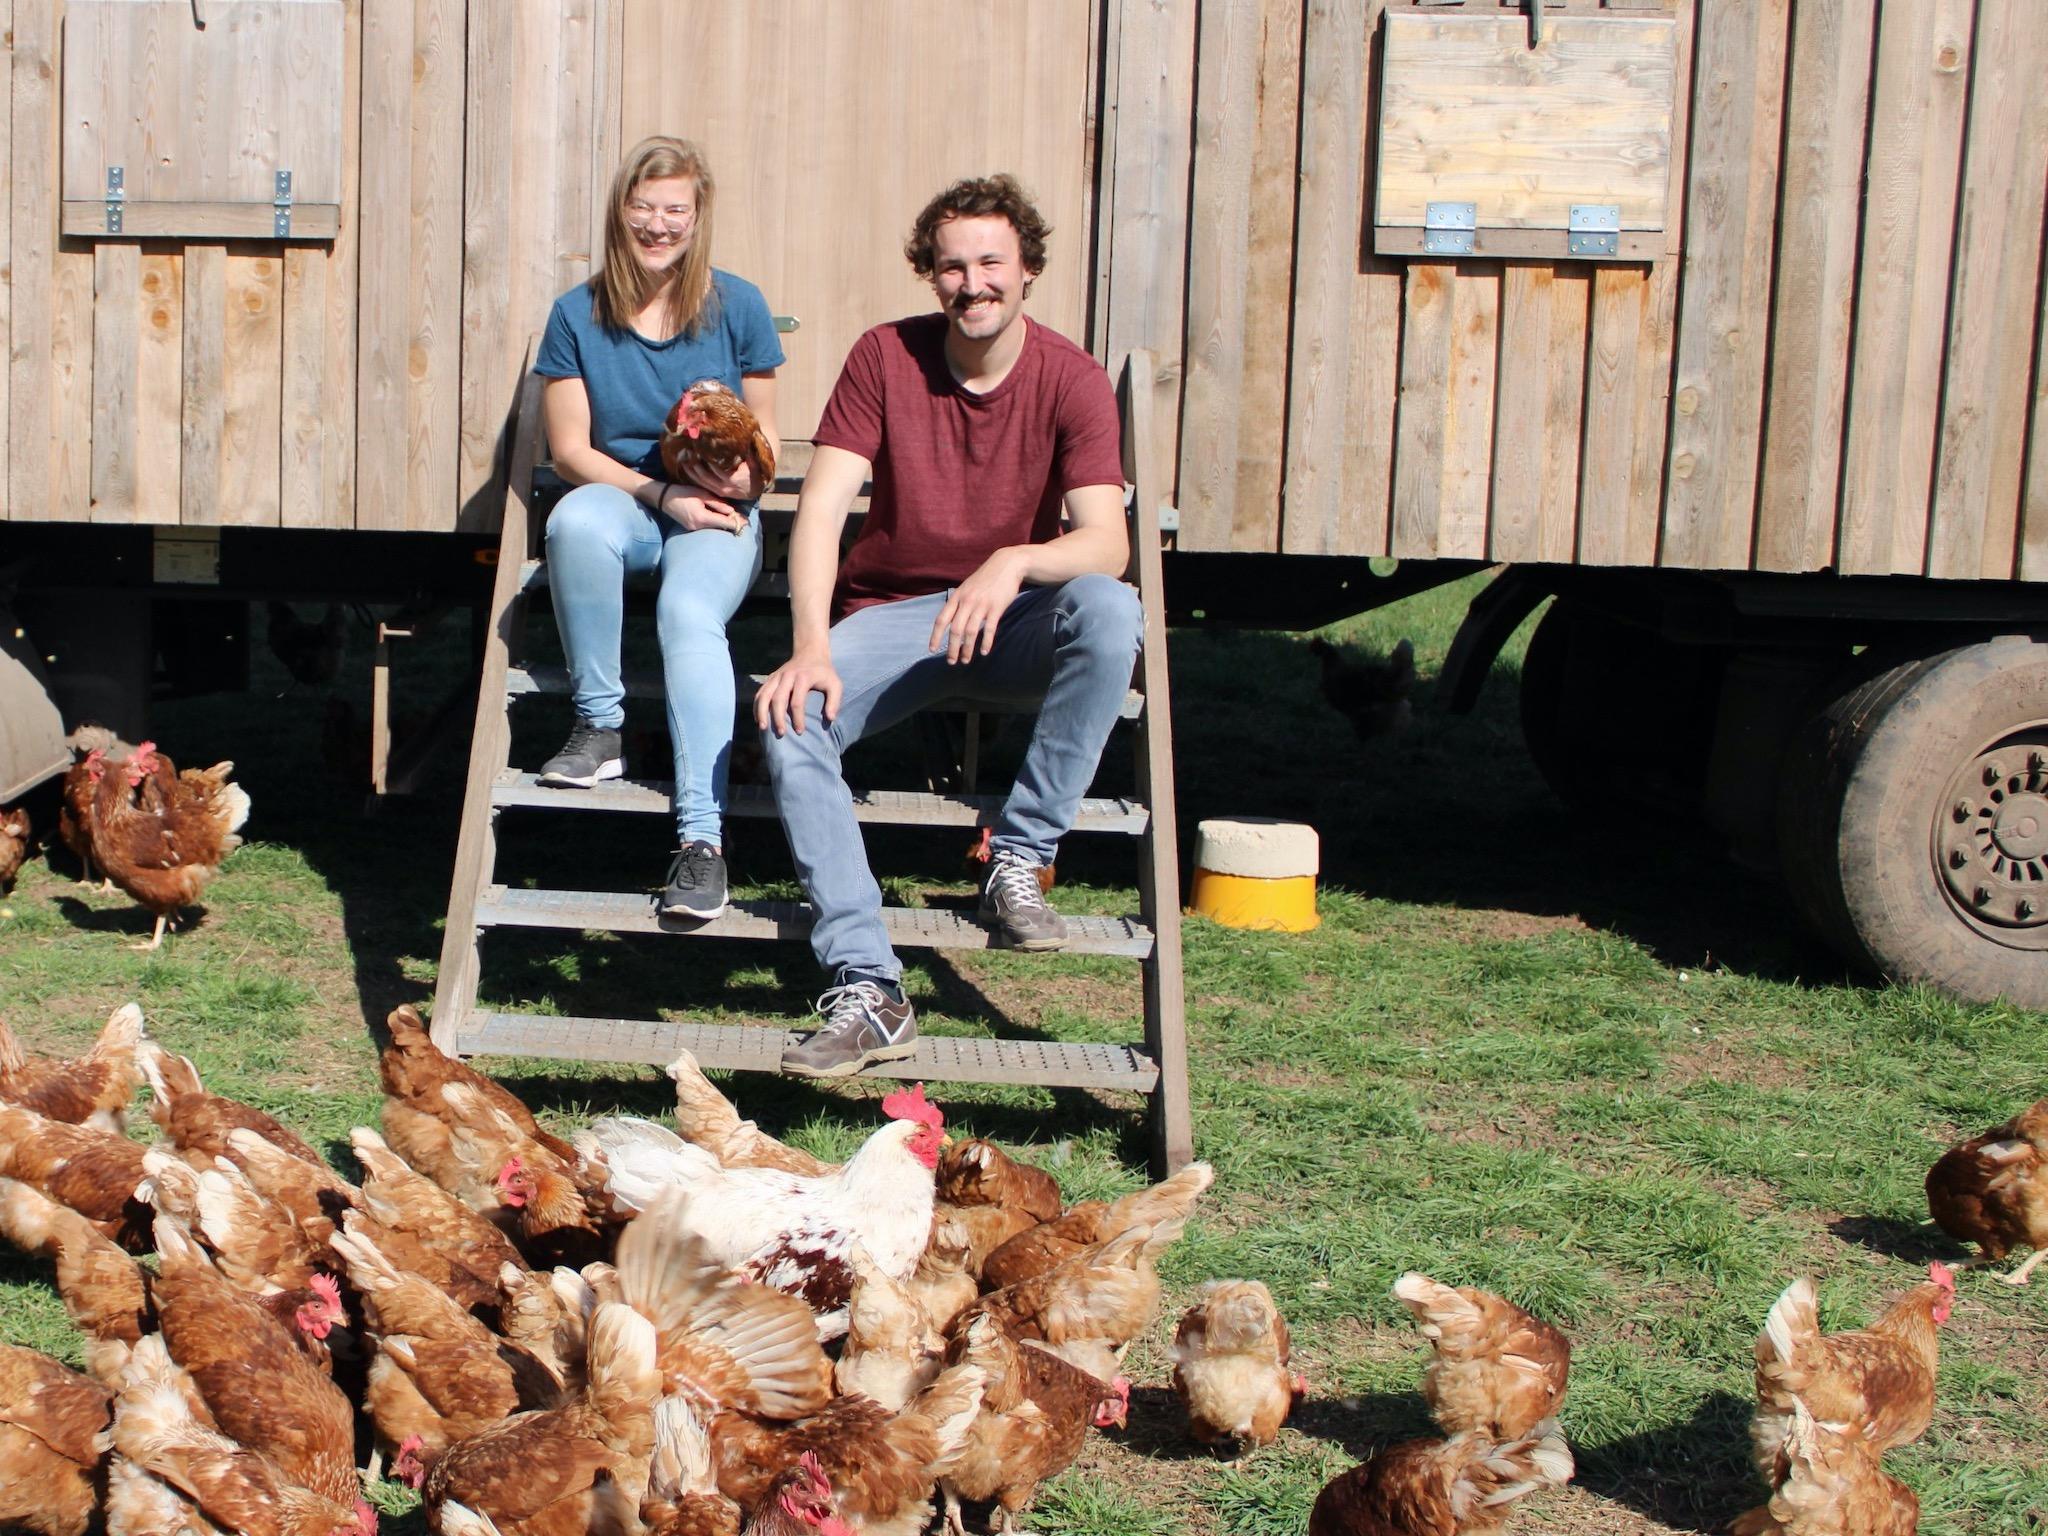 Franziska und ihr Freund mit den Hühnern im Hof. Foto: Franziska Thomas.